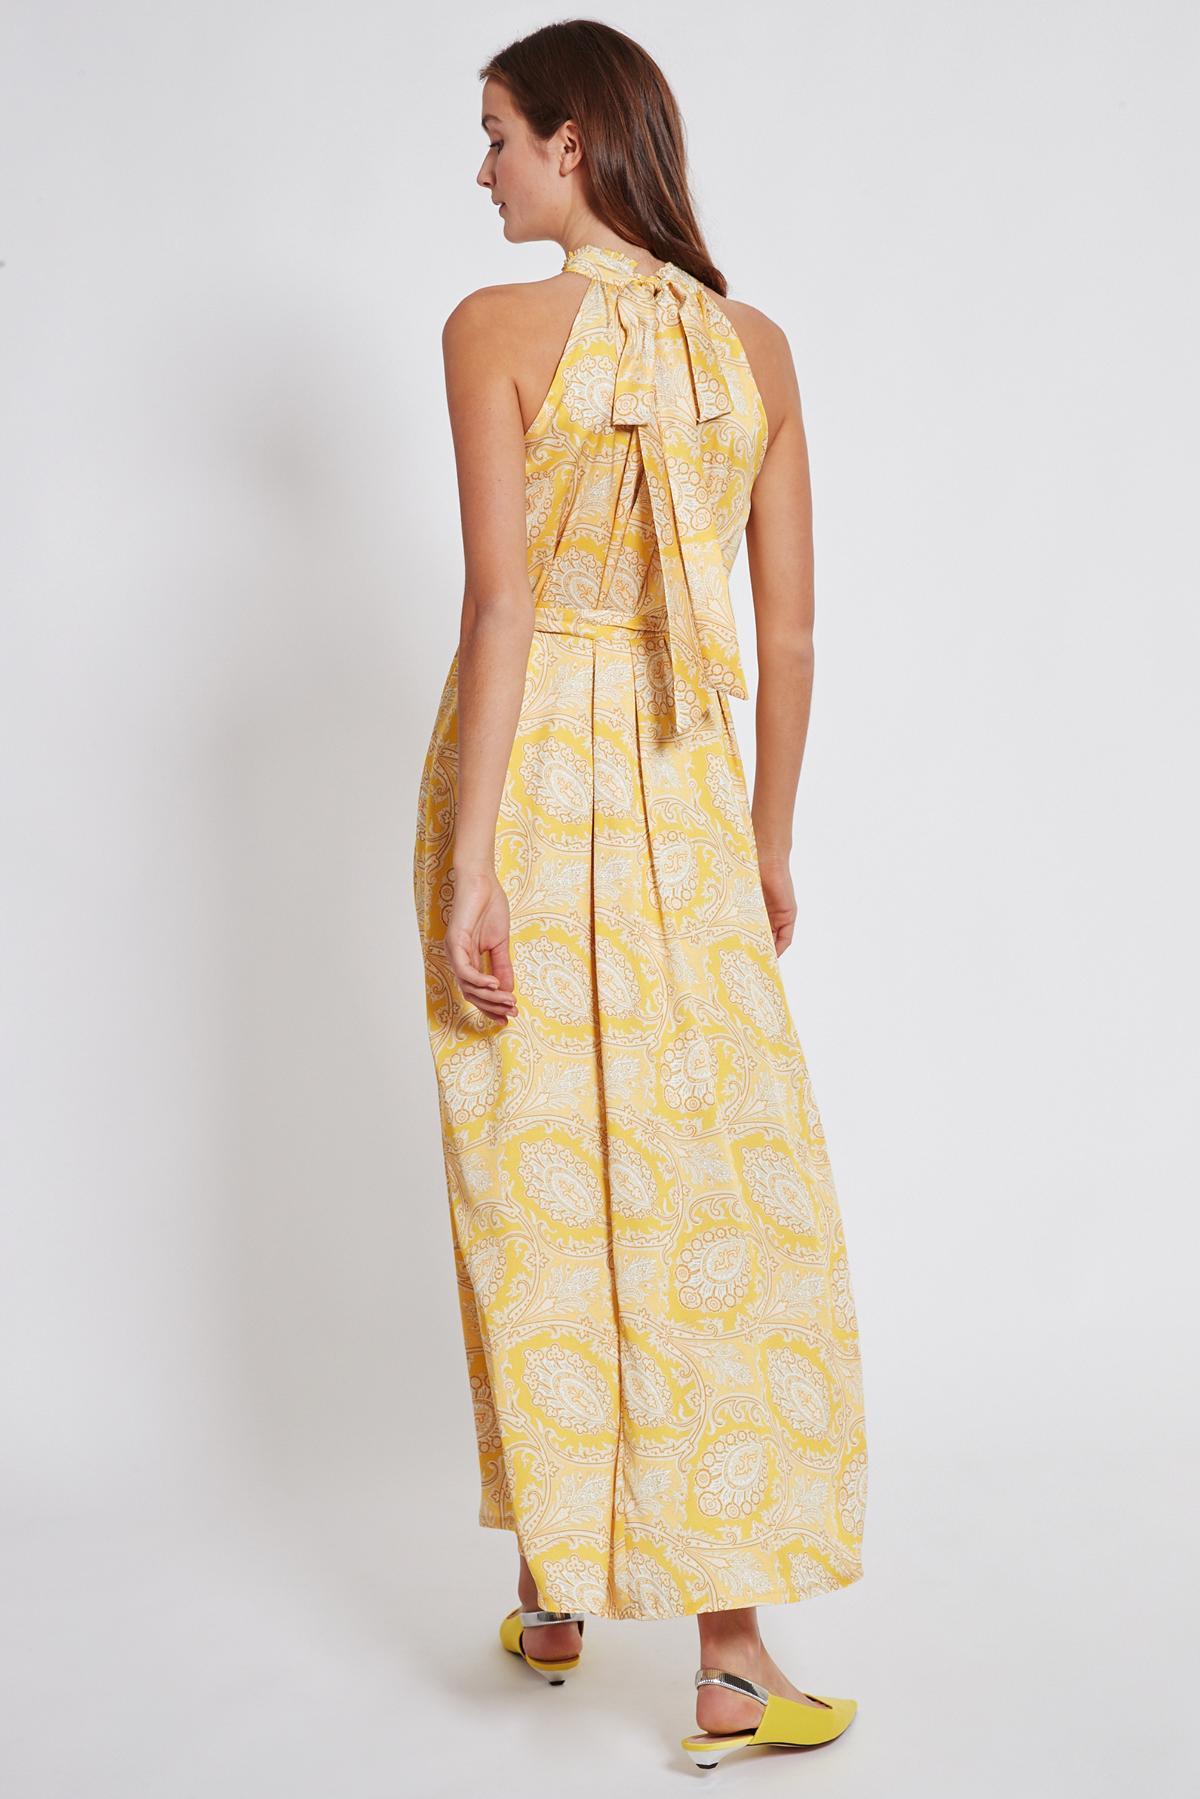 Rückansicht von Ana Alcazar Maxi Kleid Tefamy Gelb  angezogen an Model